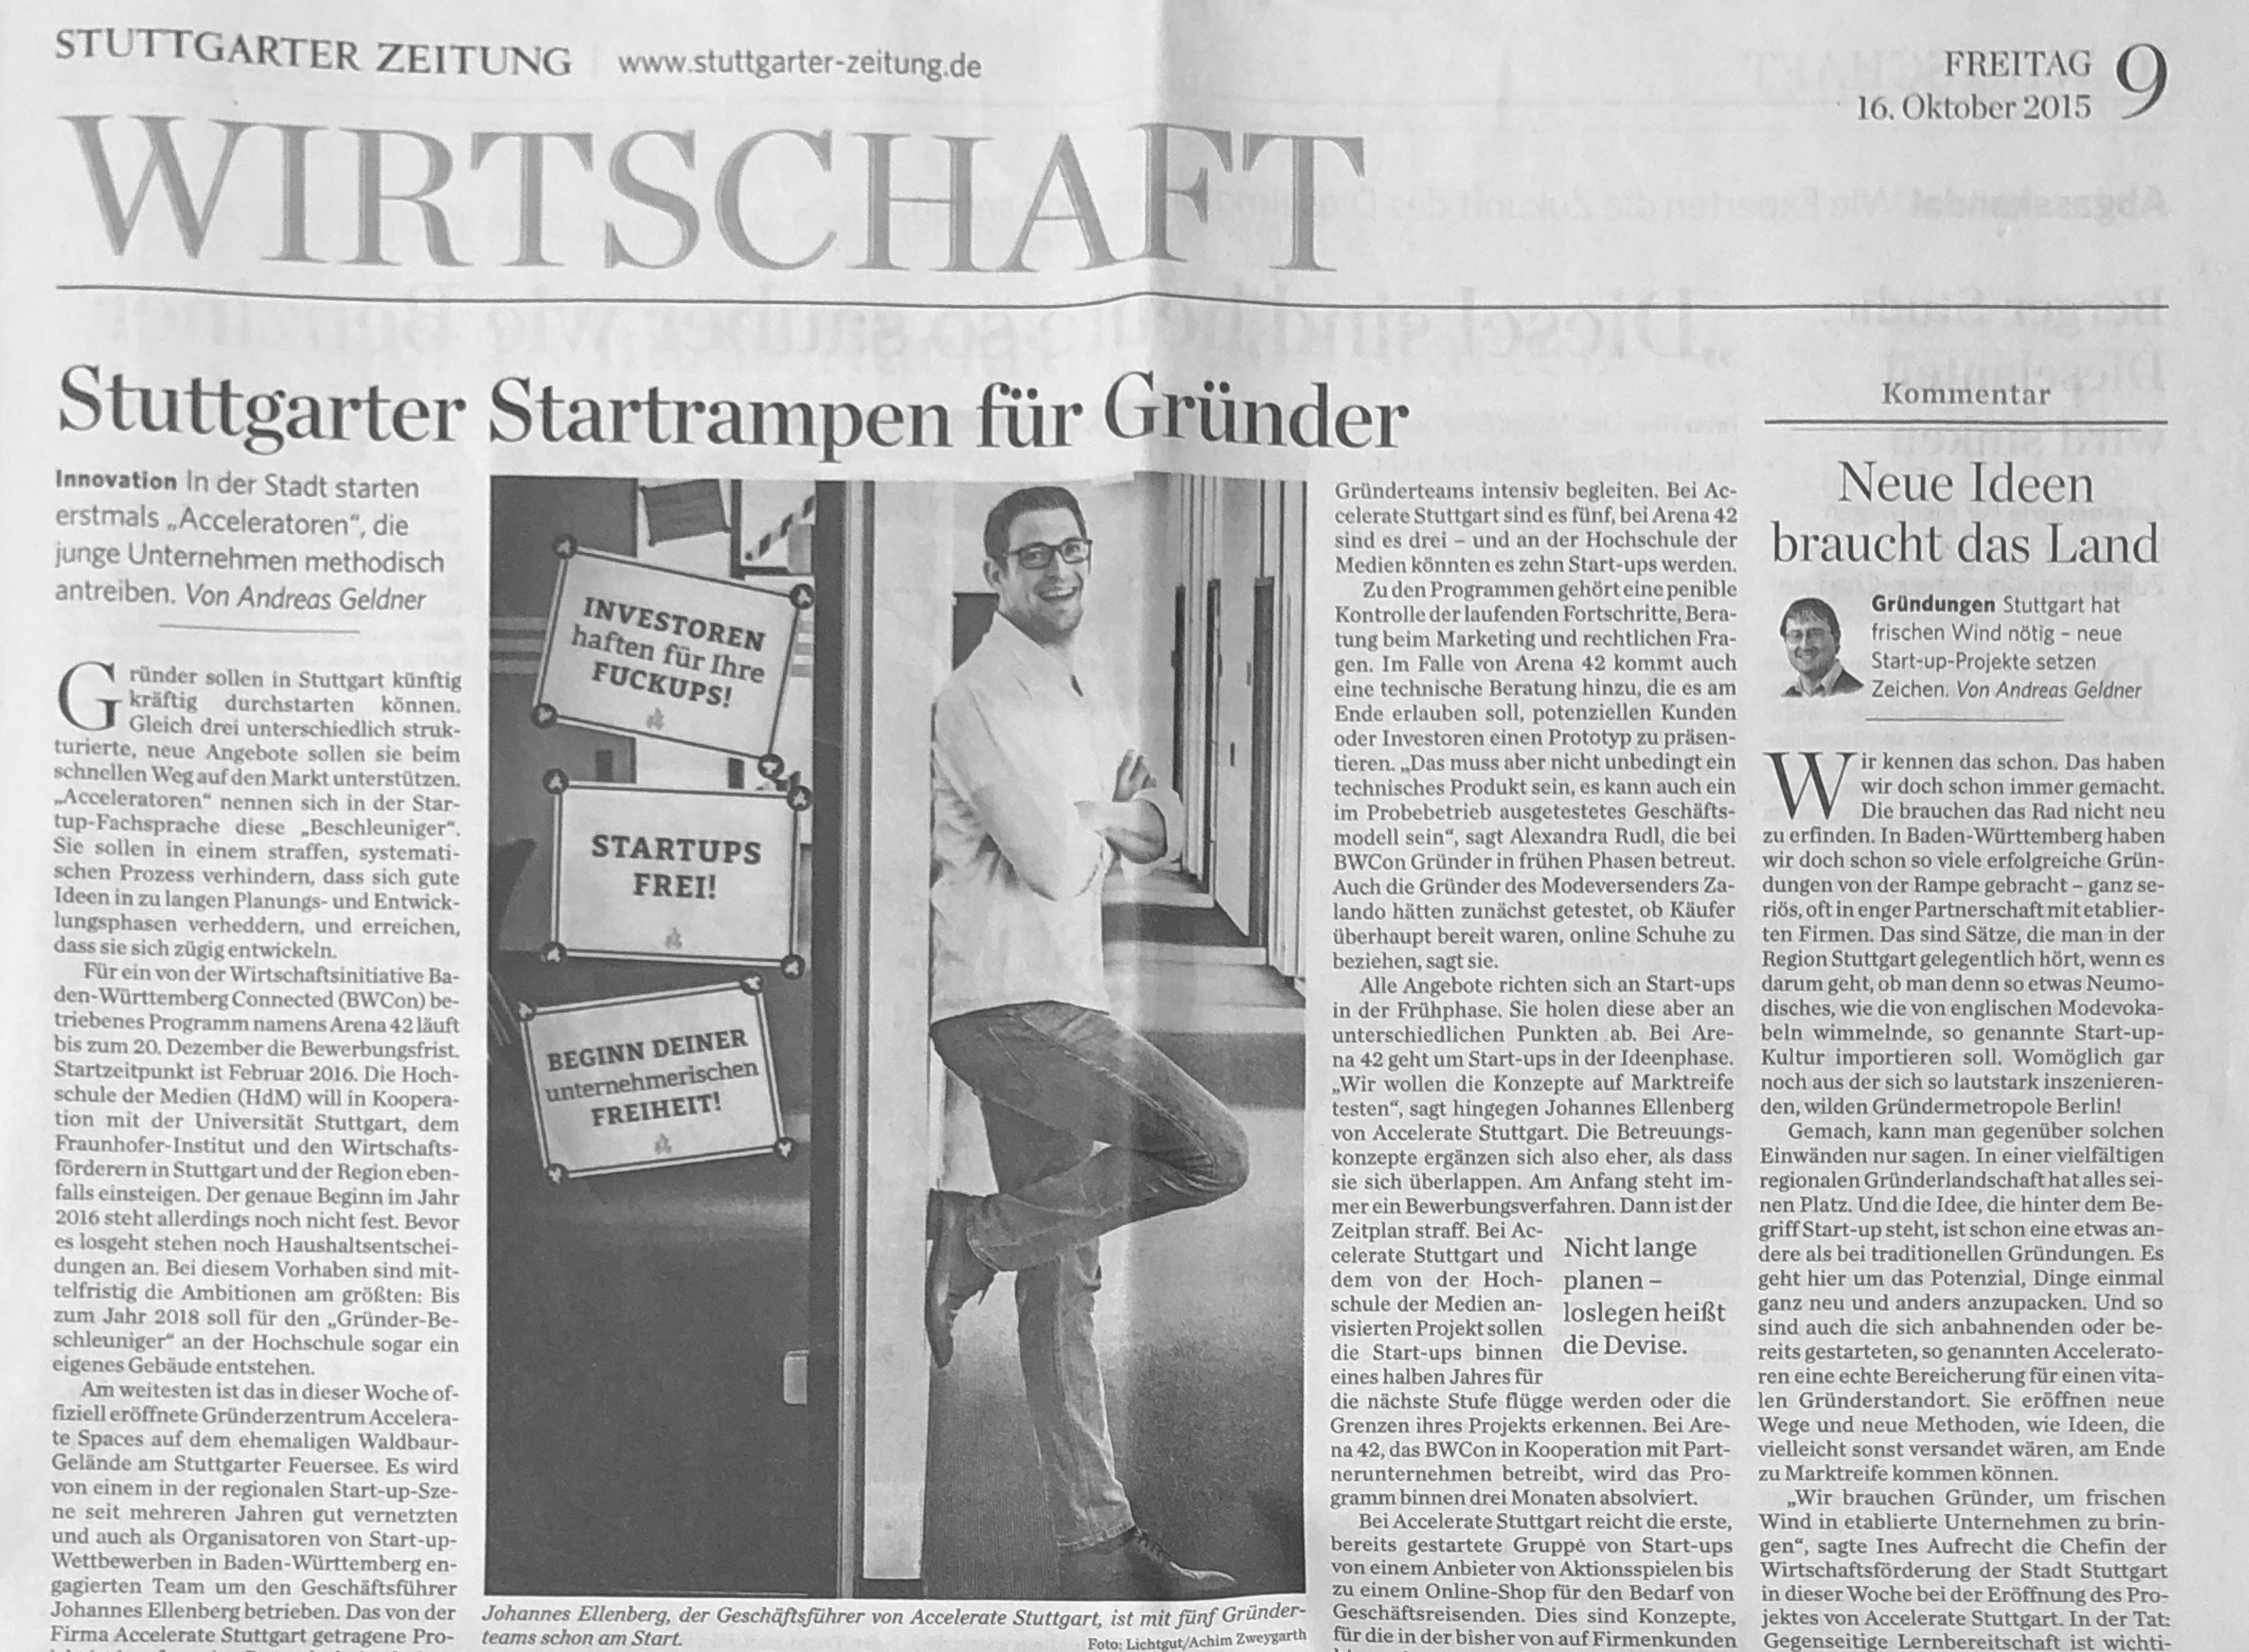 Mediadaten - Stuttgarter Zeitung Werbevermarktung